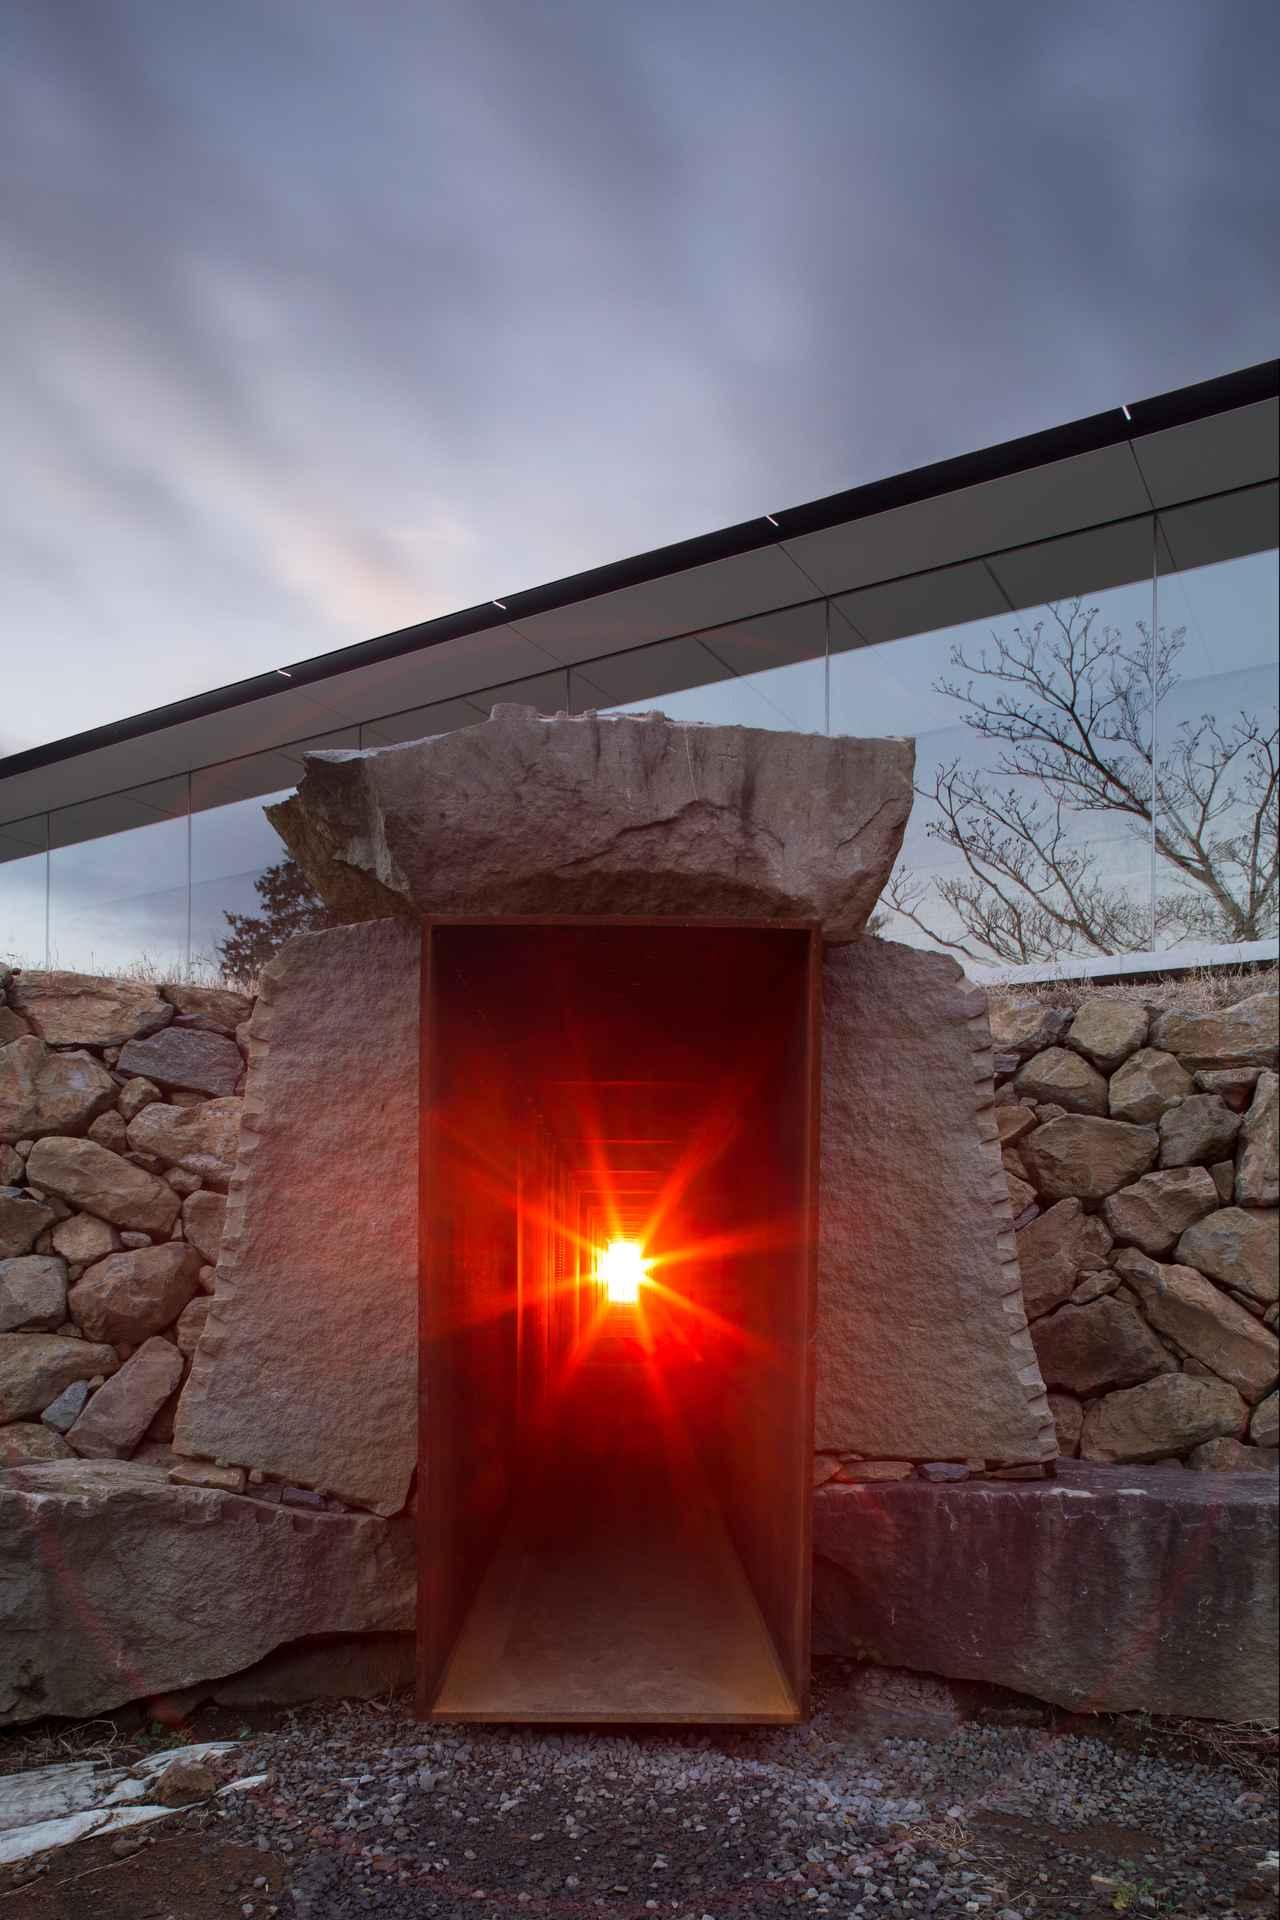 画像: 冬至光遥拝隧道 ©小田原文化財団/Odawara Art Foundation